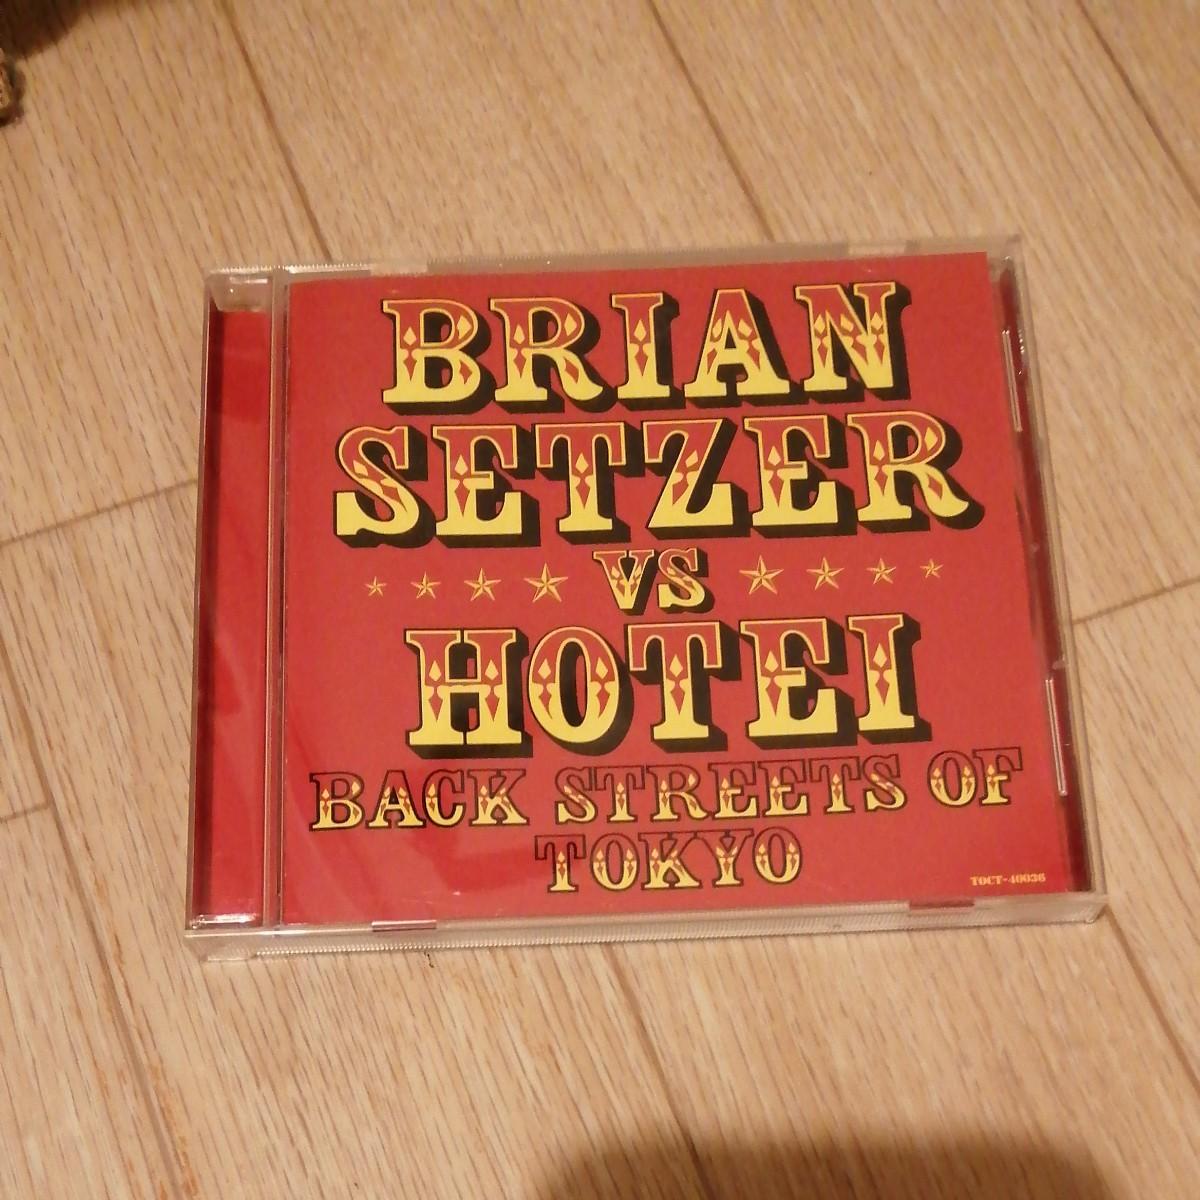 ブライアン セッツァー 布袋 CD